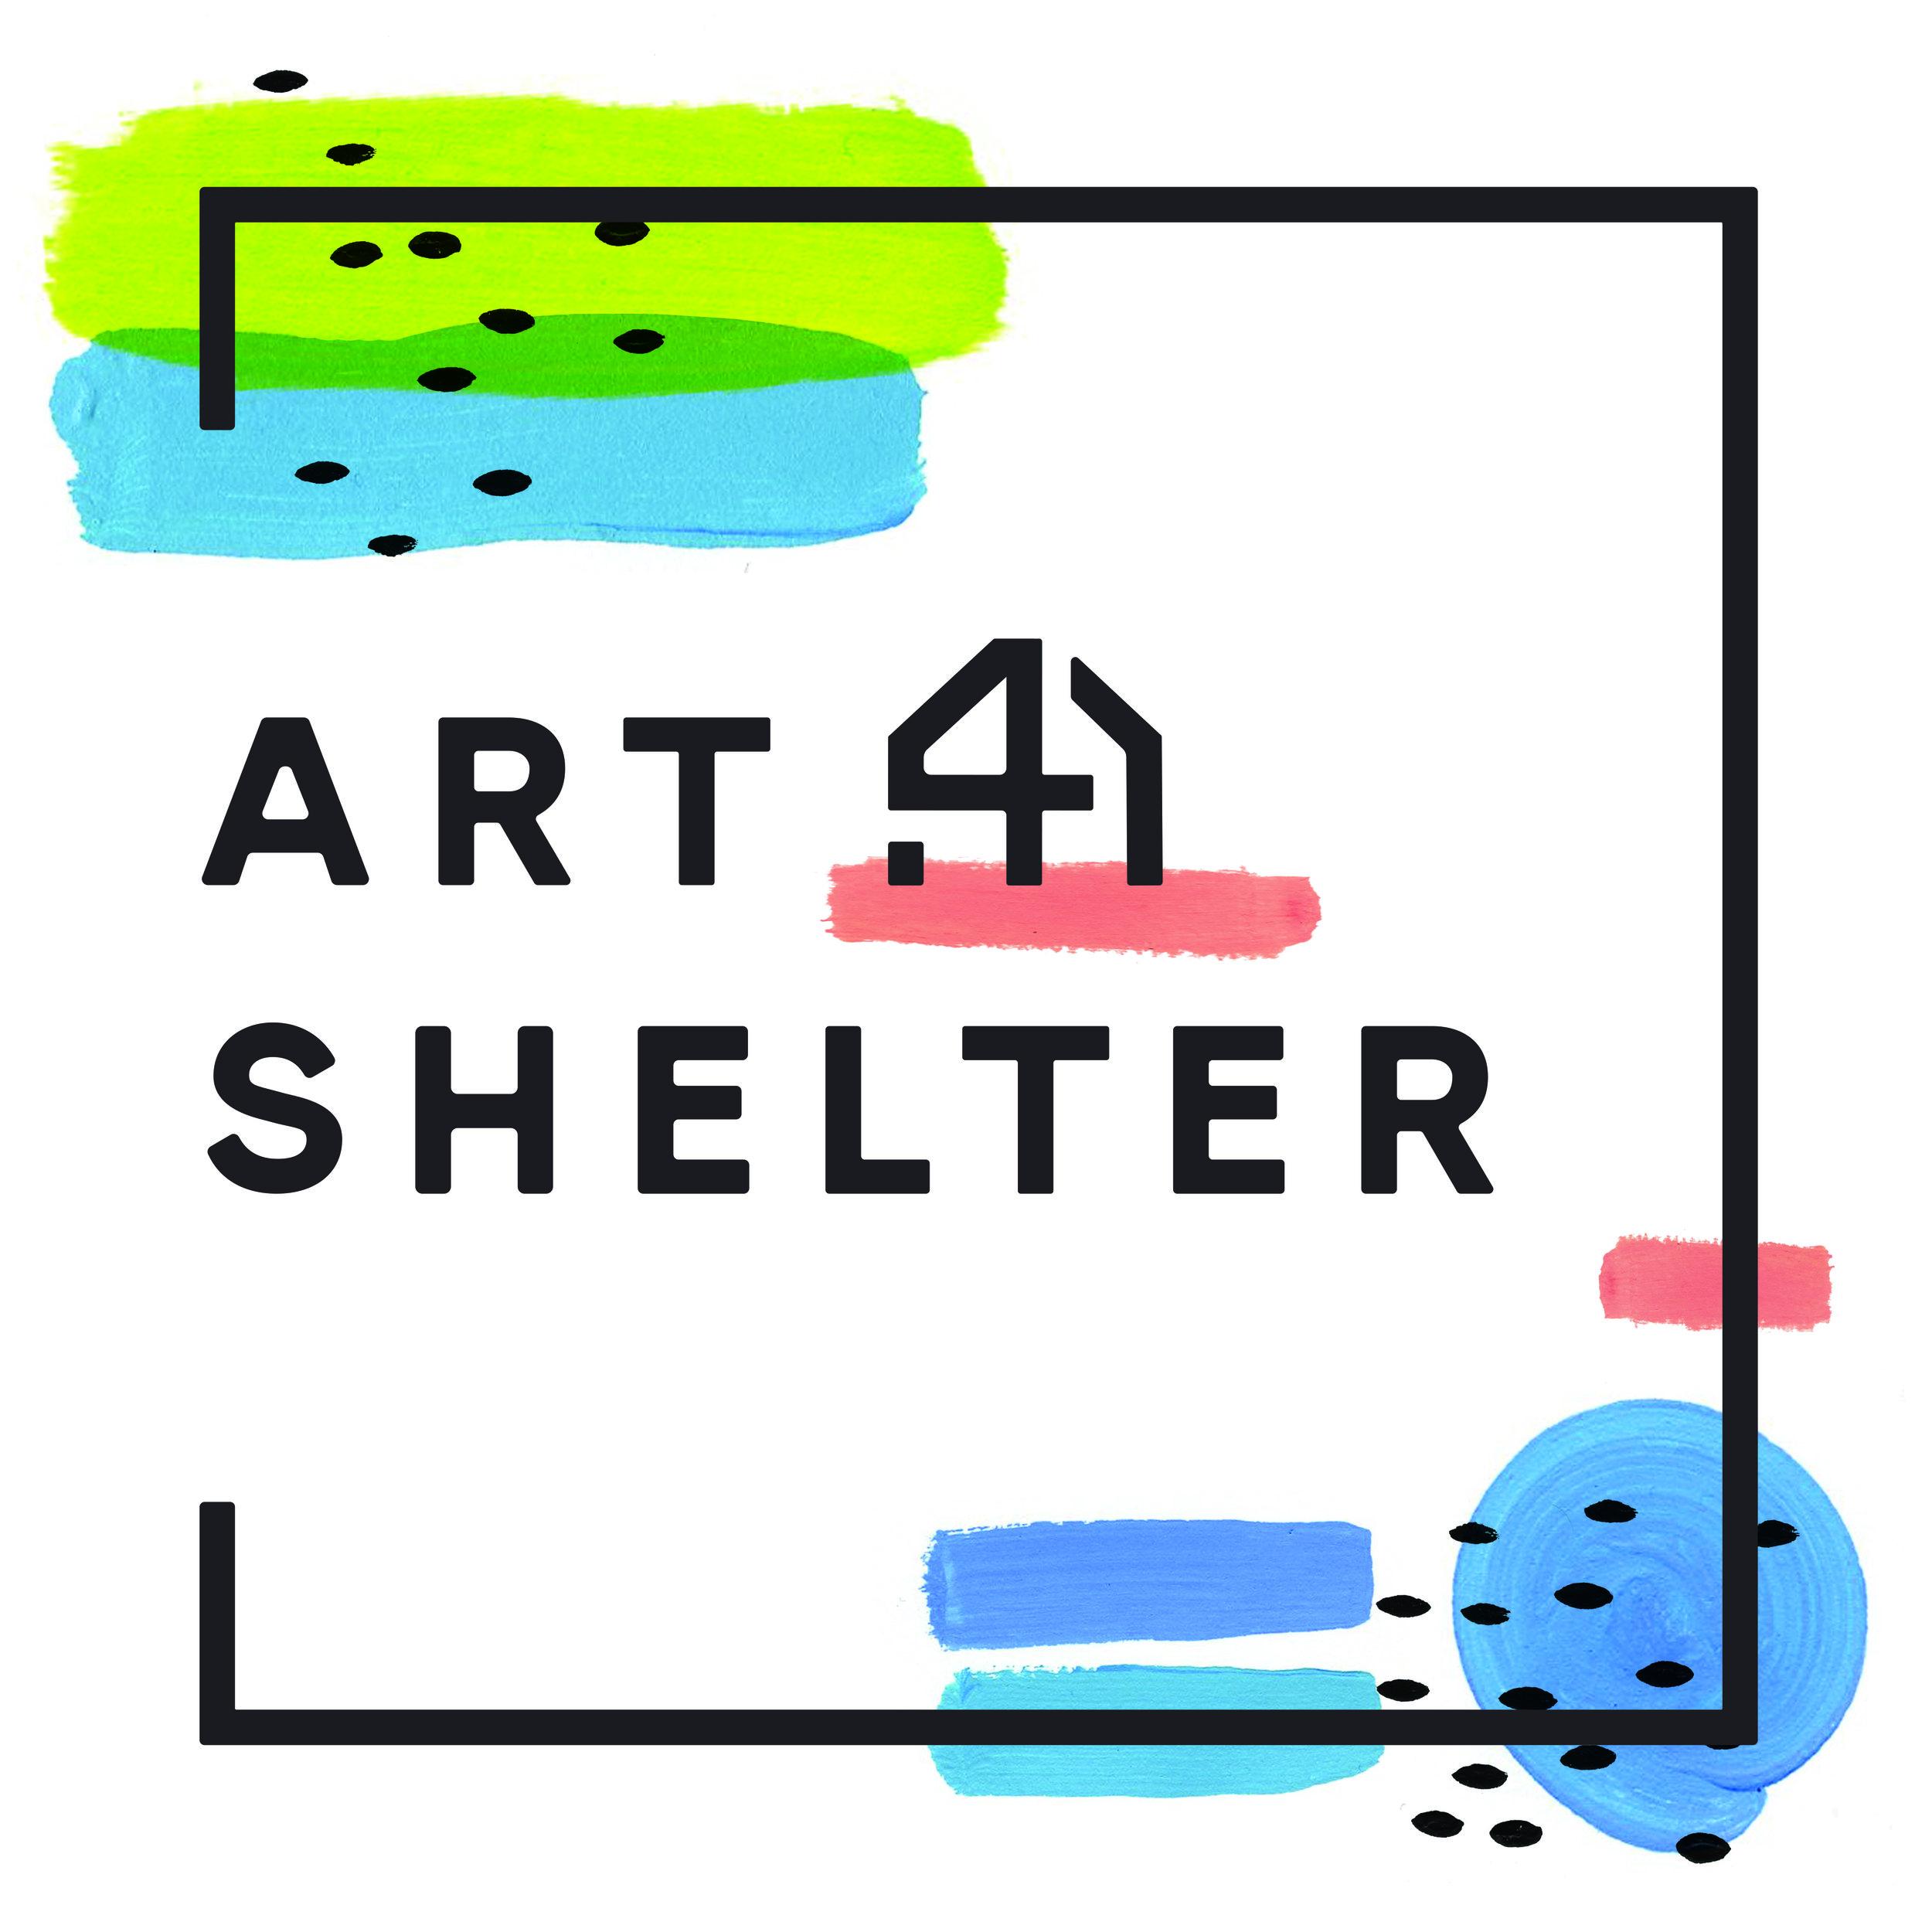 2_Art4Shelter_LogoDesign_Master_4C_CMYK.jpg